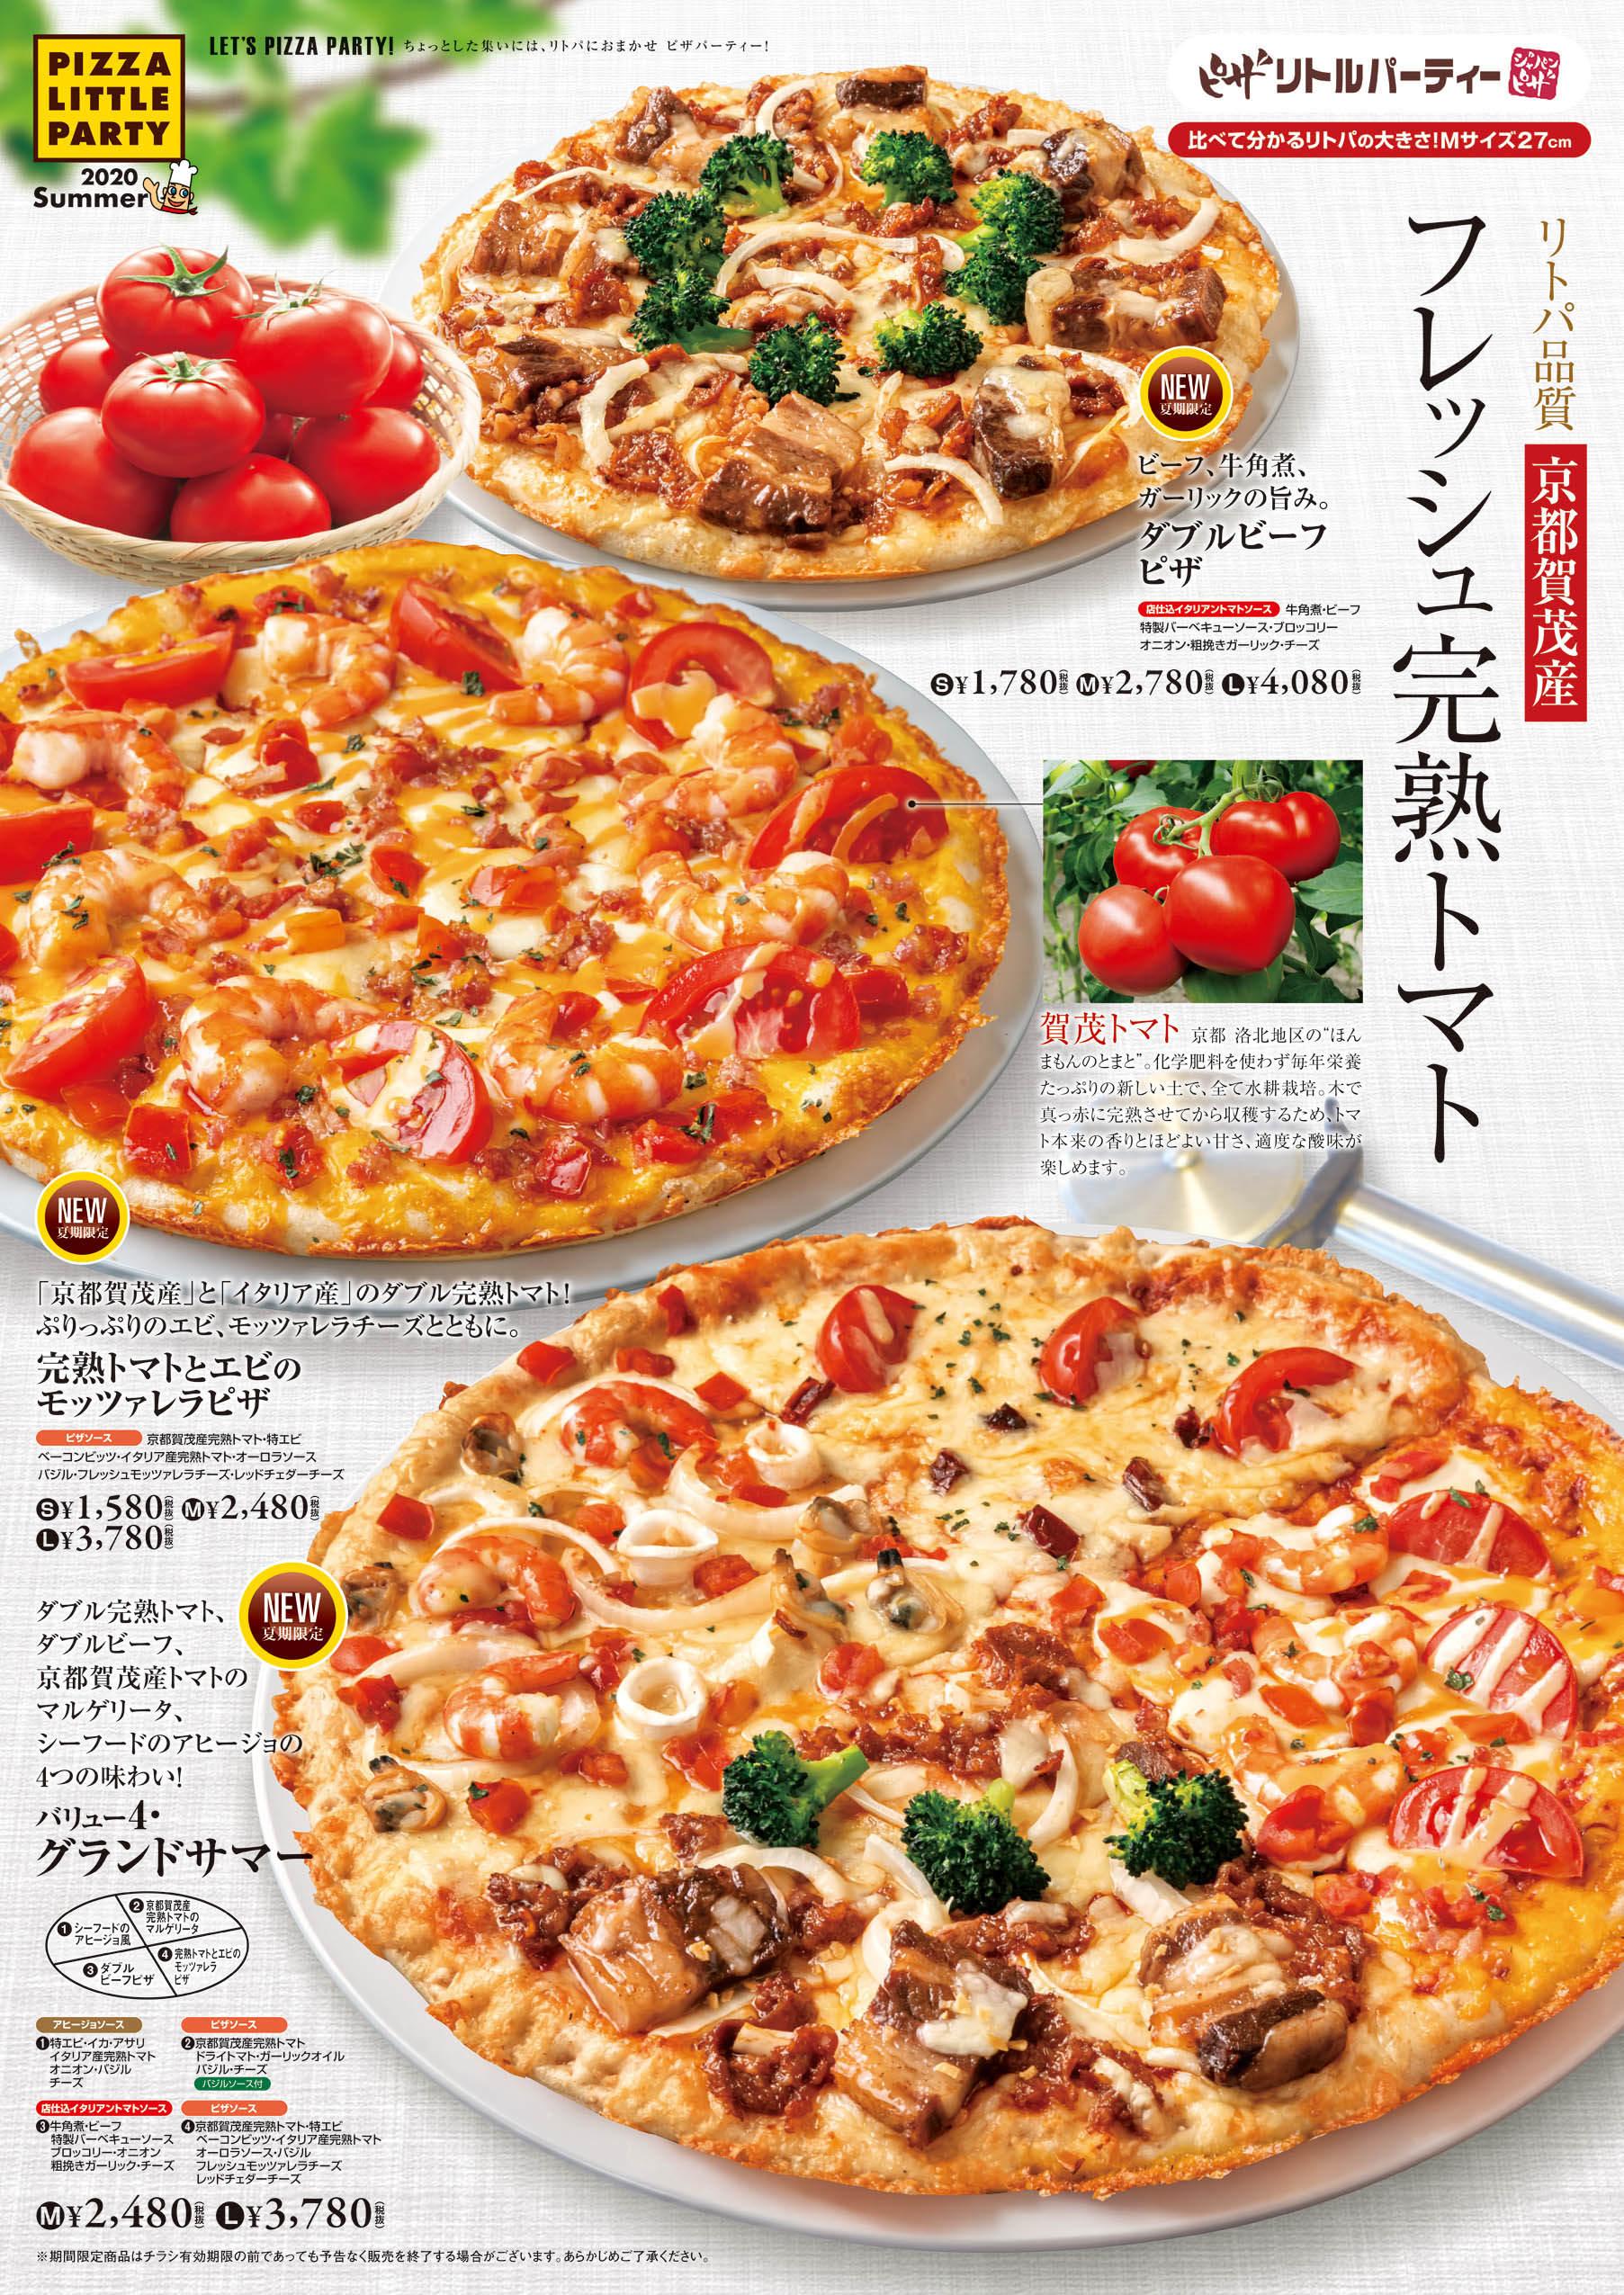 京都賀茂産 フレッシュ完熟トマトのピザ!発売中